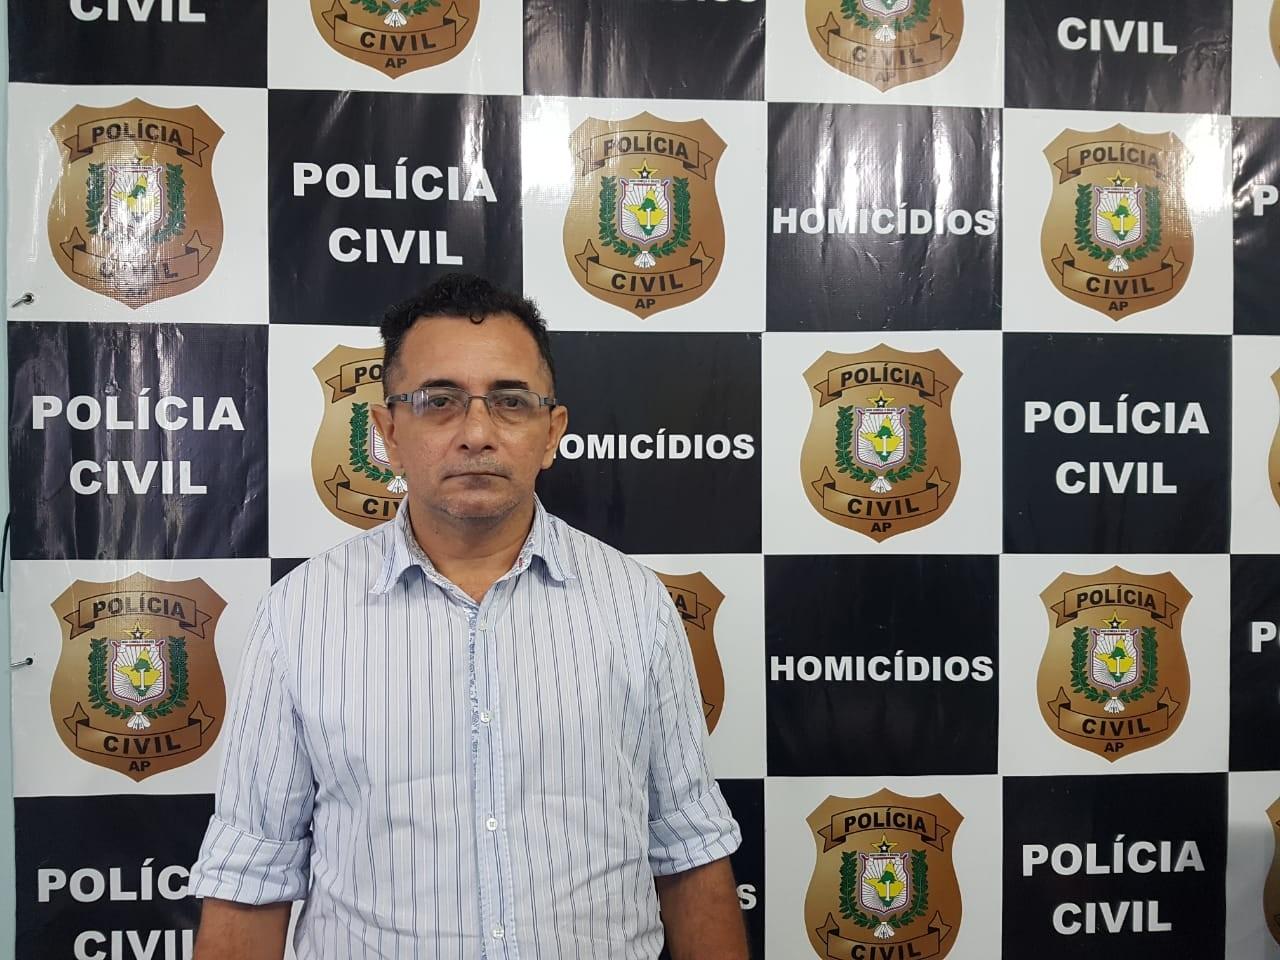 Exame aponta empresário como acusado da morte de homem em mercantil em Macapá - Noticias